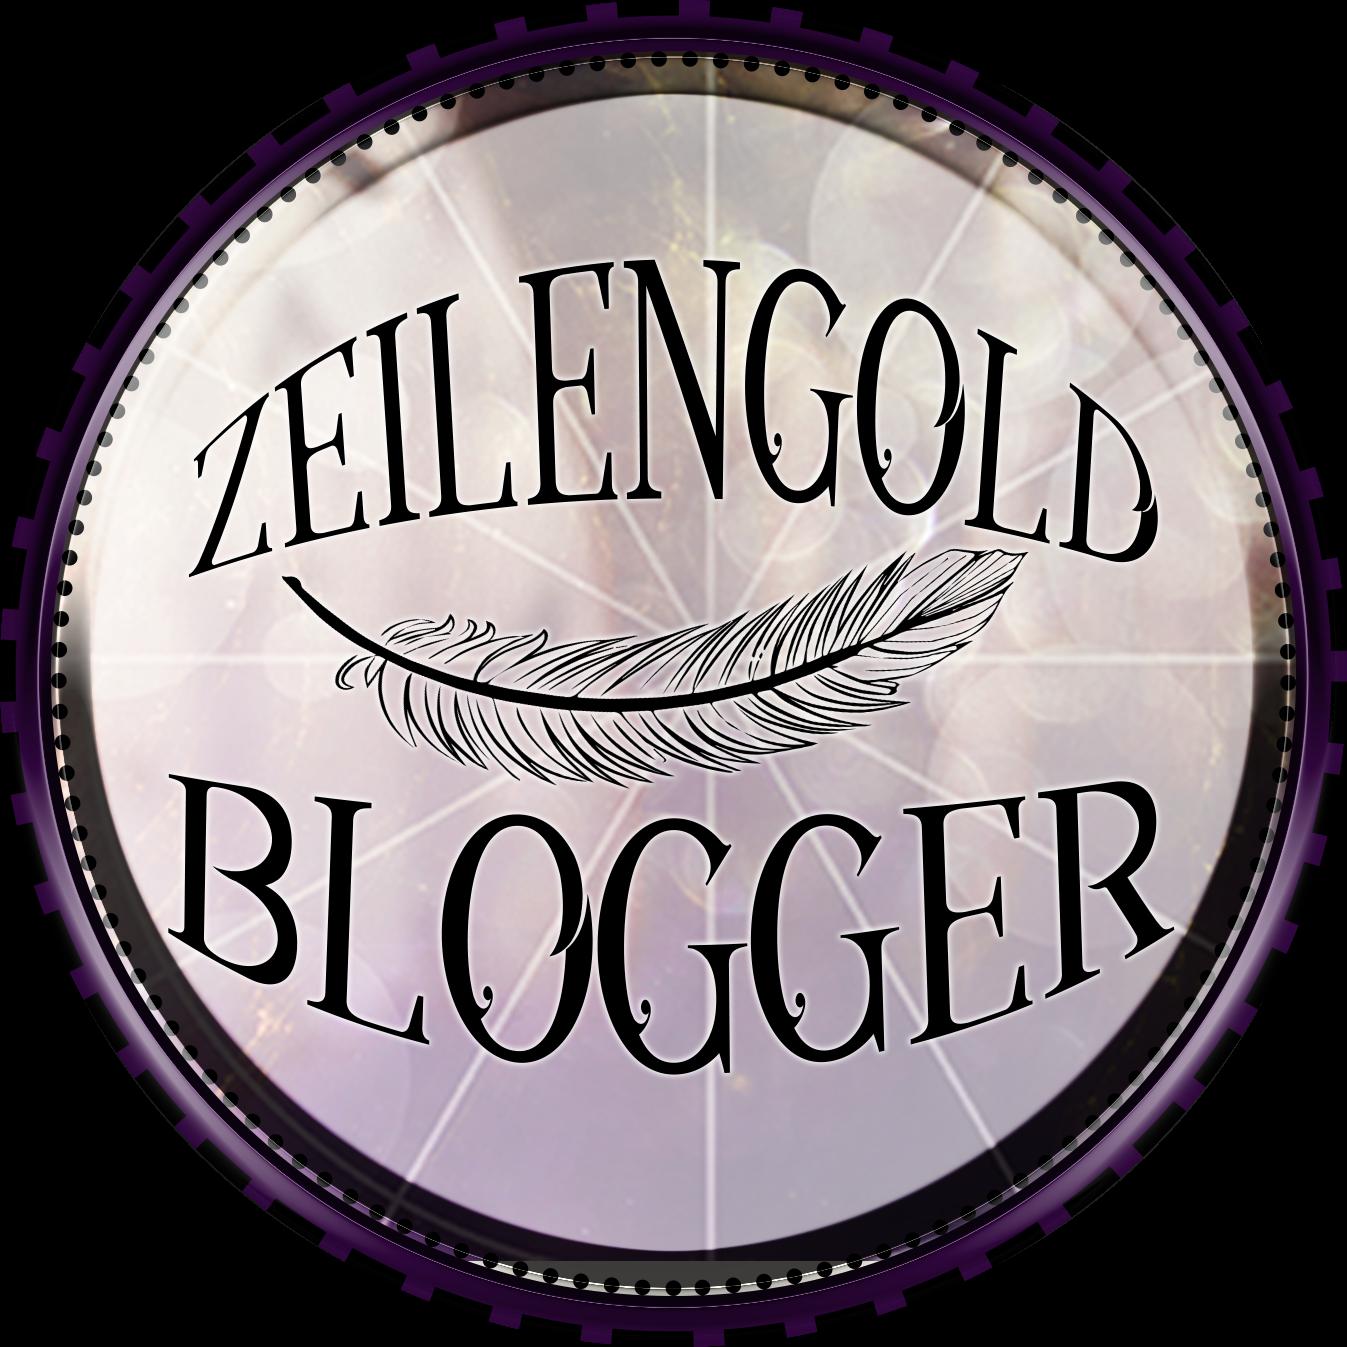 Zeilengold